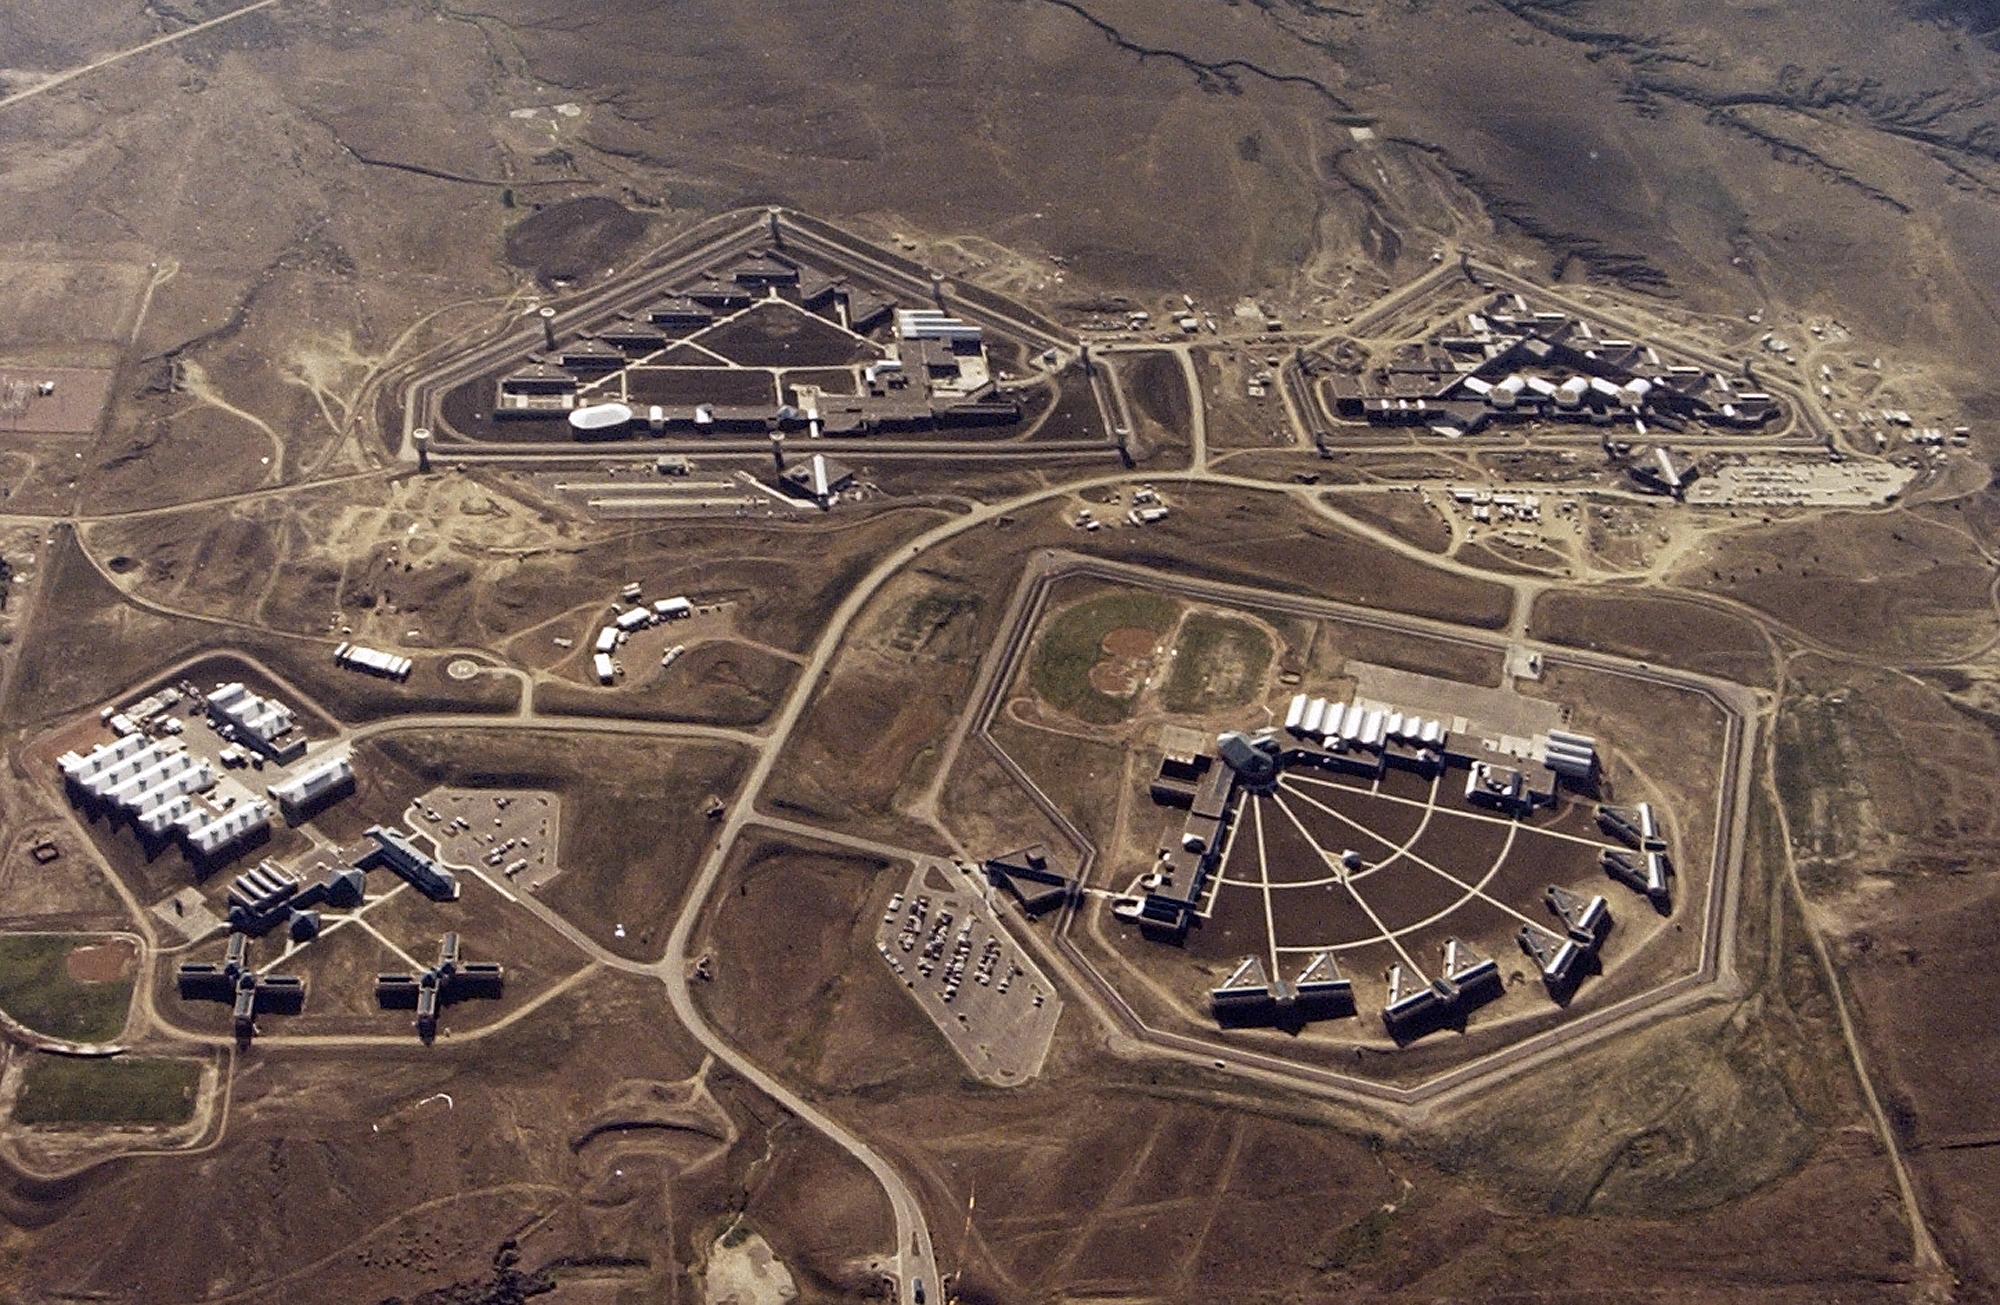 El Chapo prison: He escaped twice in Mexico, but the ADX in Colorado